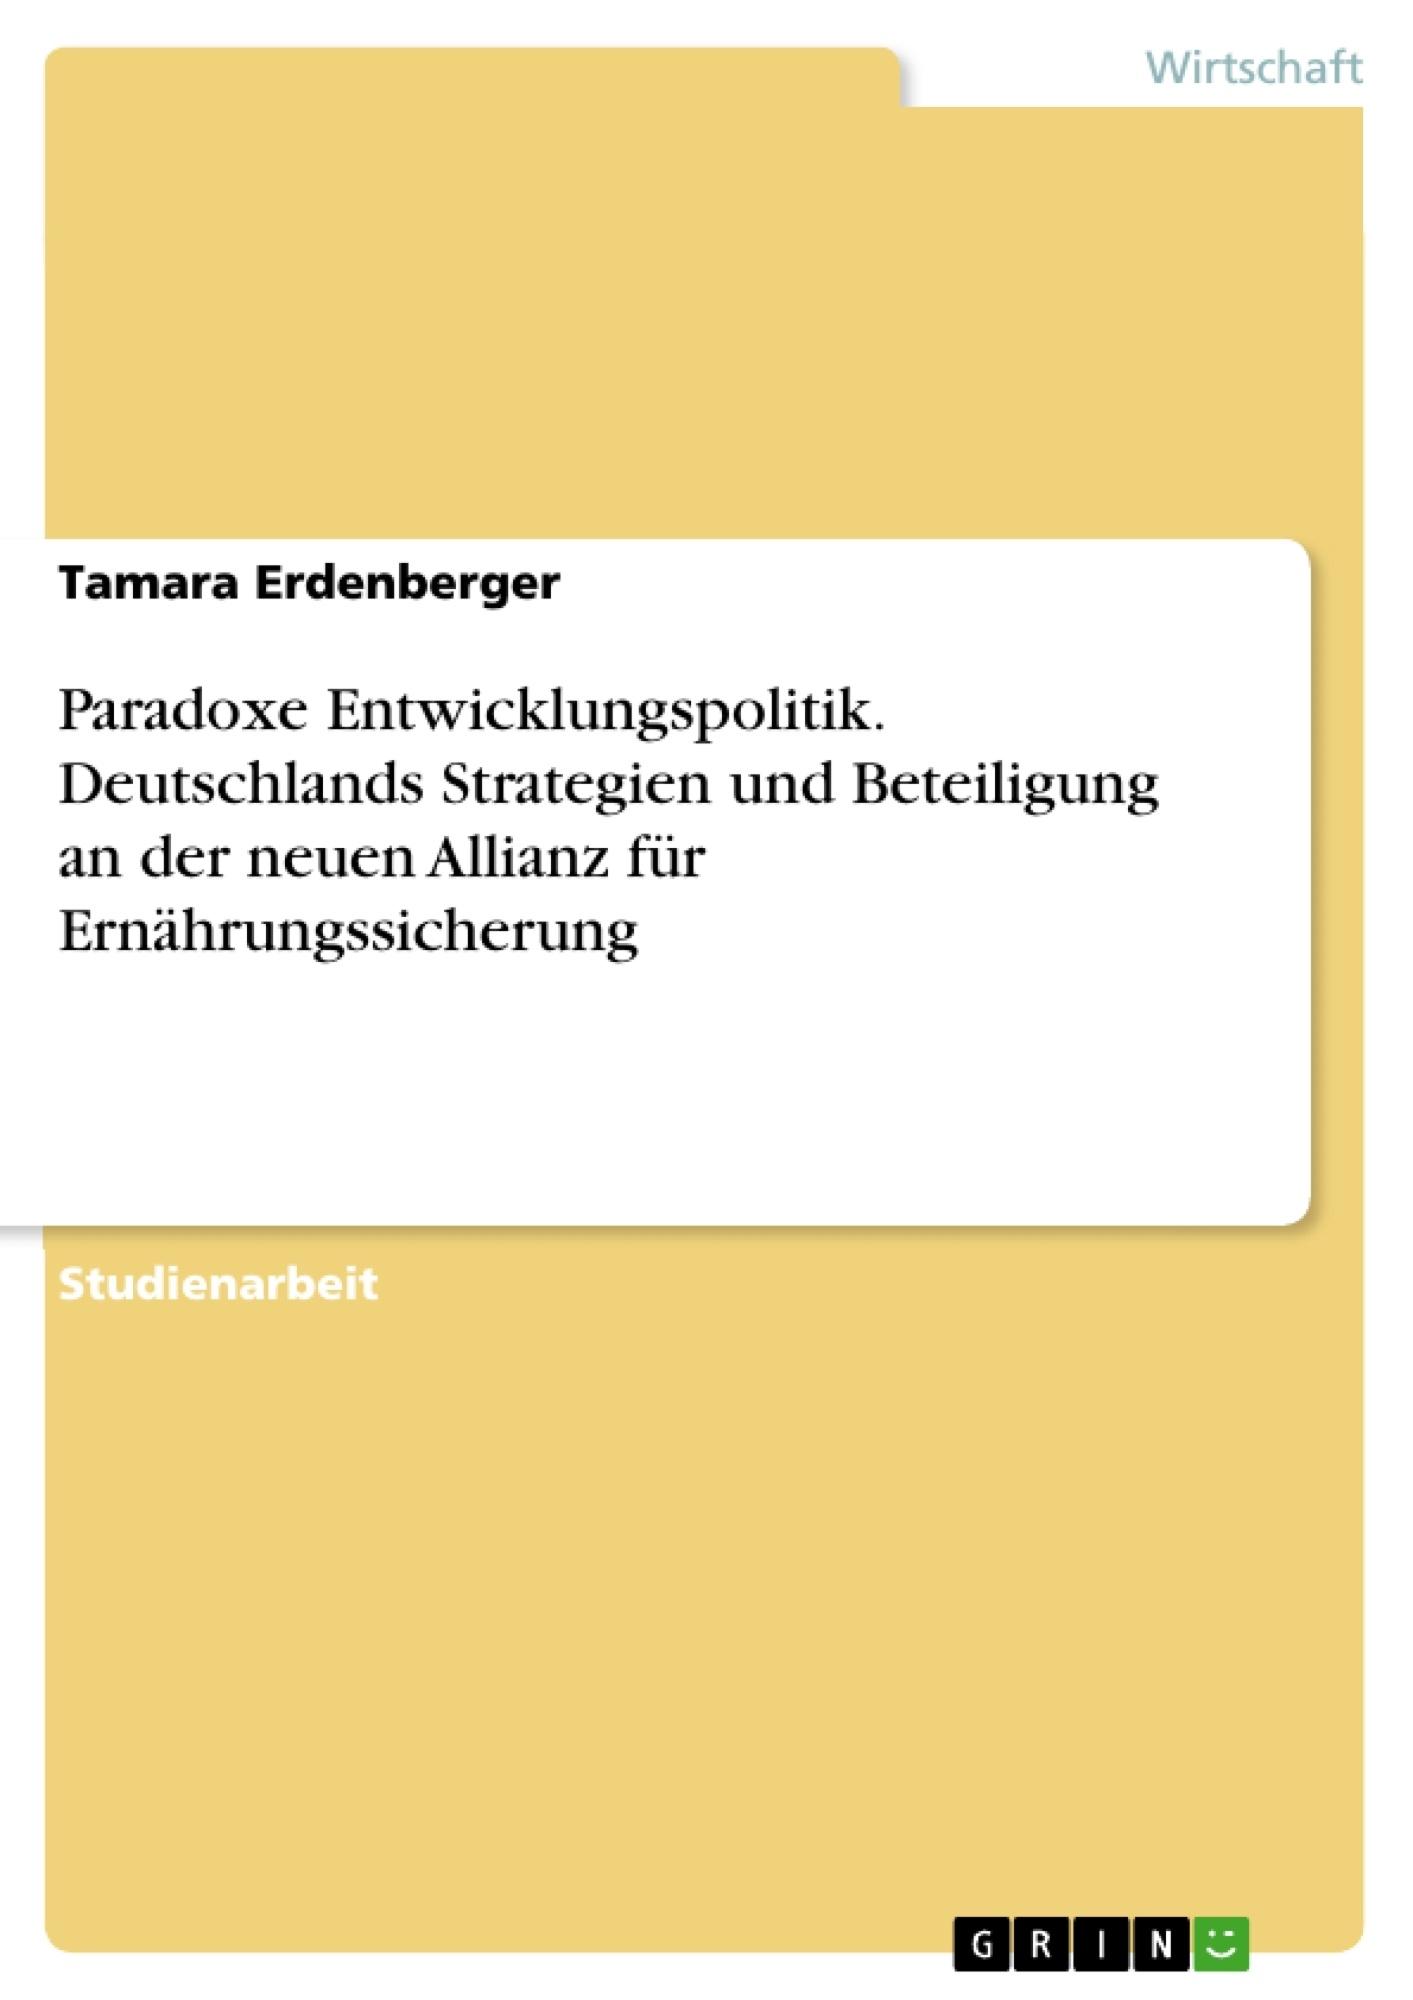 Titel: Paradoxe Entwicklungspolitik. Deutschlands Strategien und Beteiligung an der neuen Allianz für Ernährungssicherung